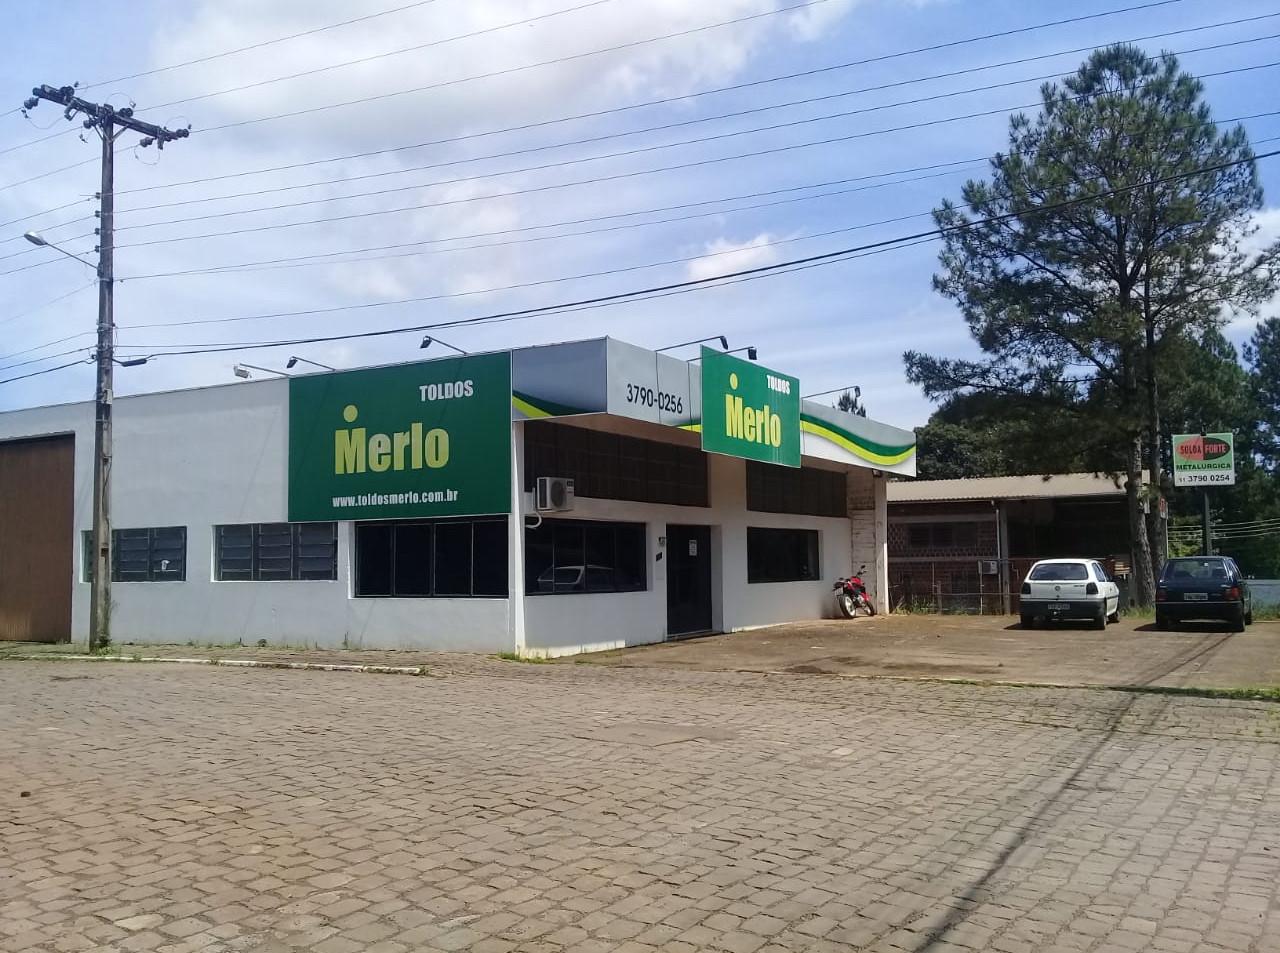 Toldo em Venâncio Aires - Toldos Merlo